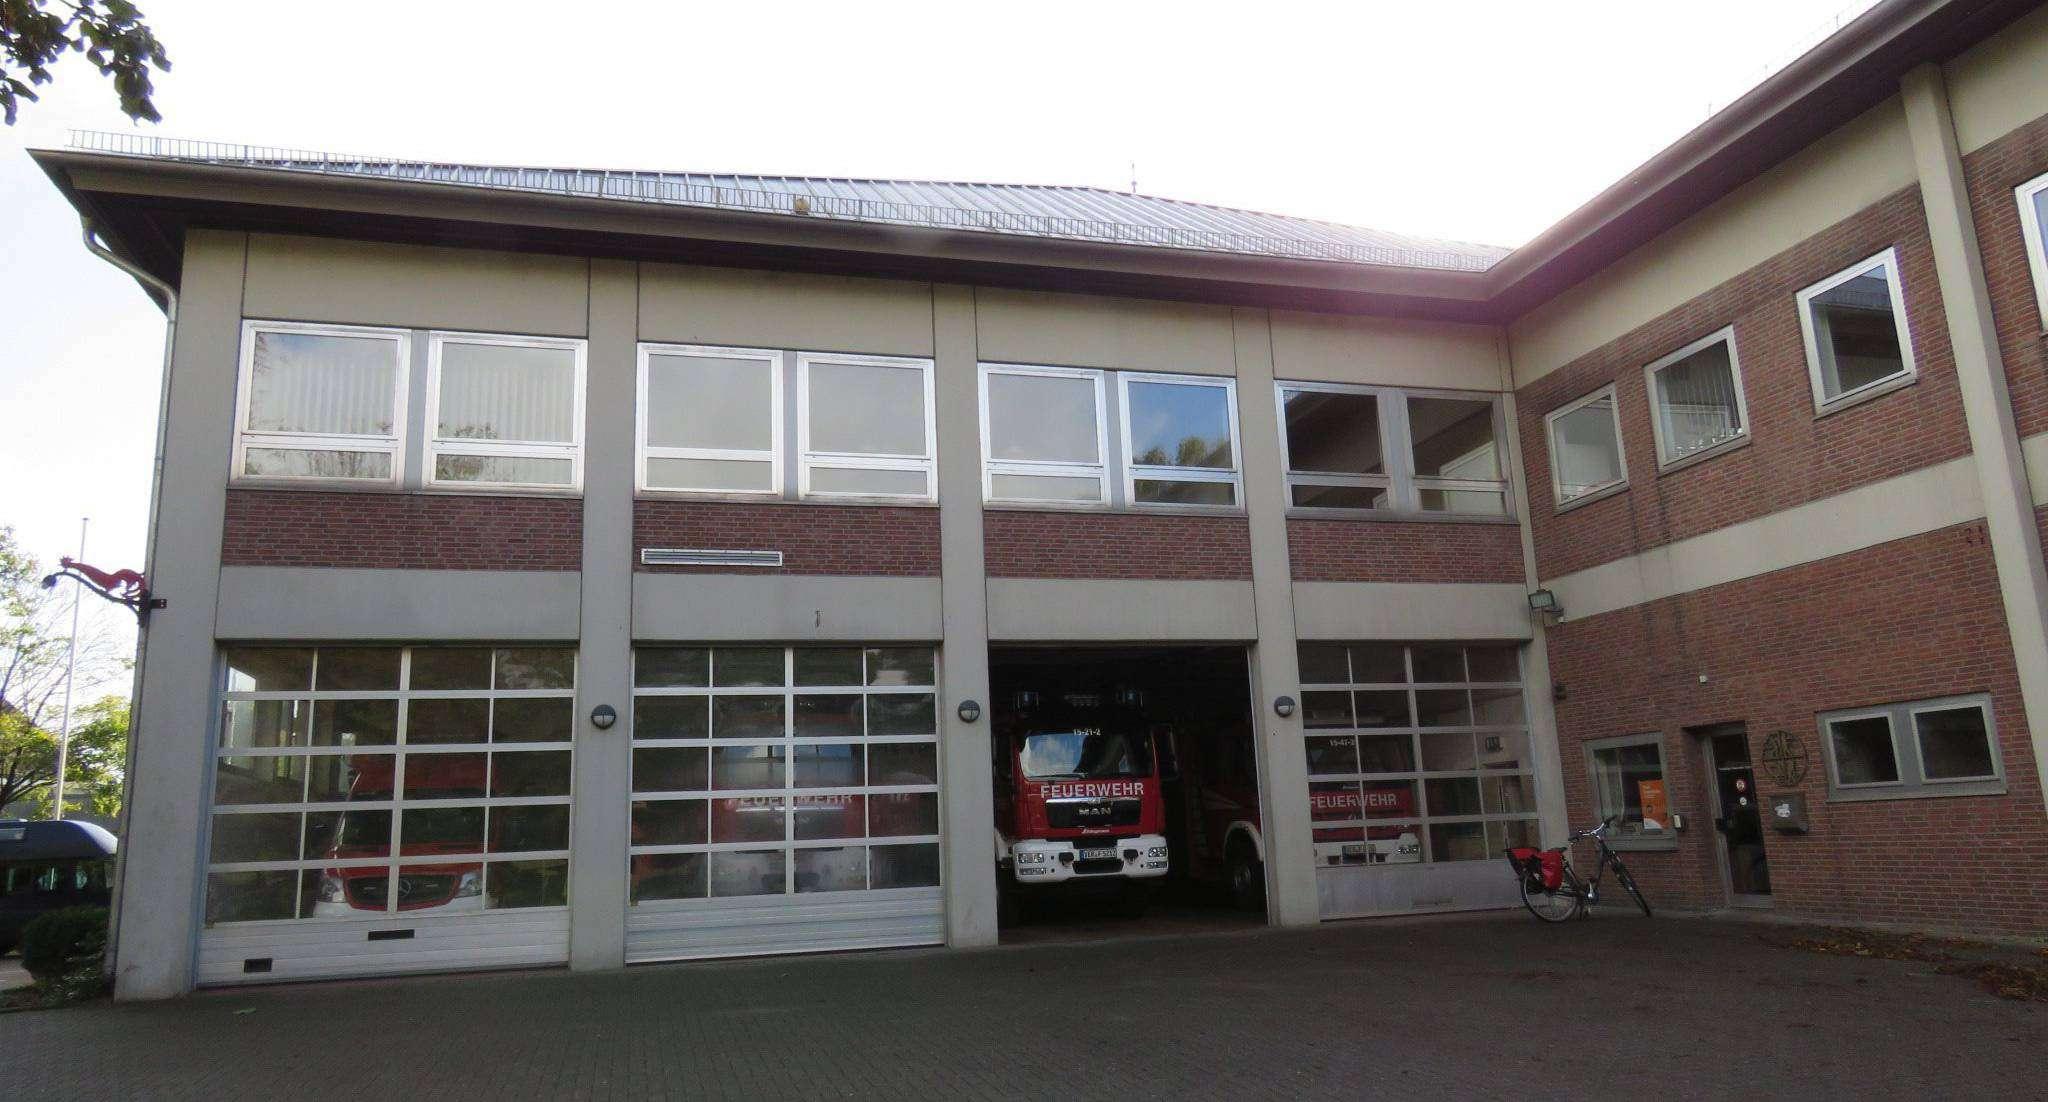 Im vorhandenen Feuerwehrhaus wird es zu eng. Eine Erweiterung soll Abhilfe schaffen. Foto: Elke Keppler-Rosenau